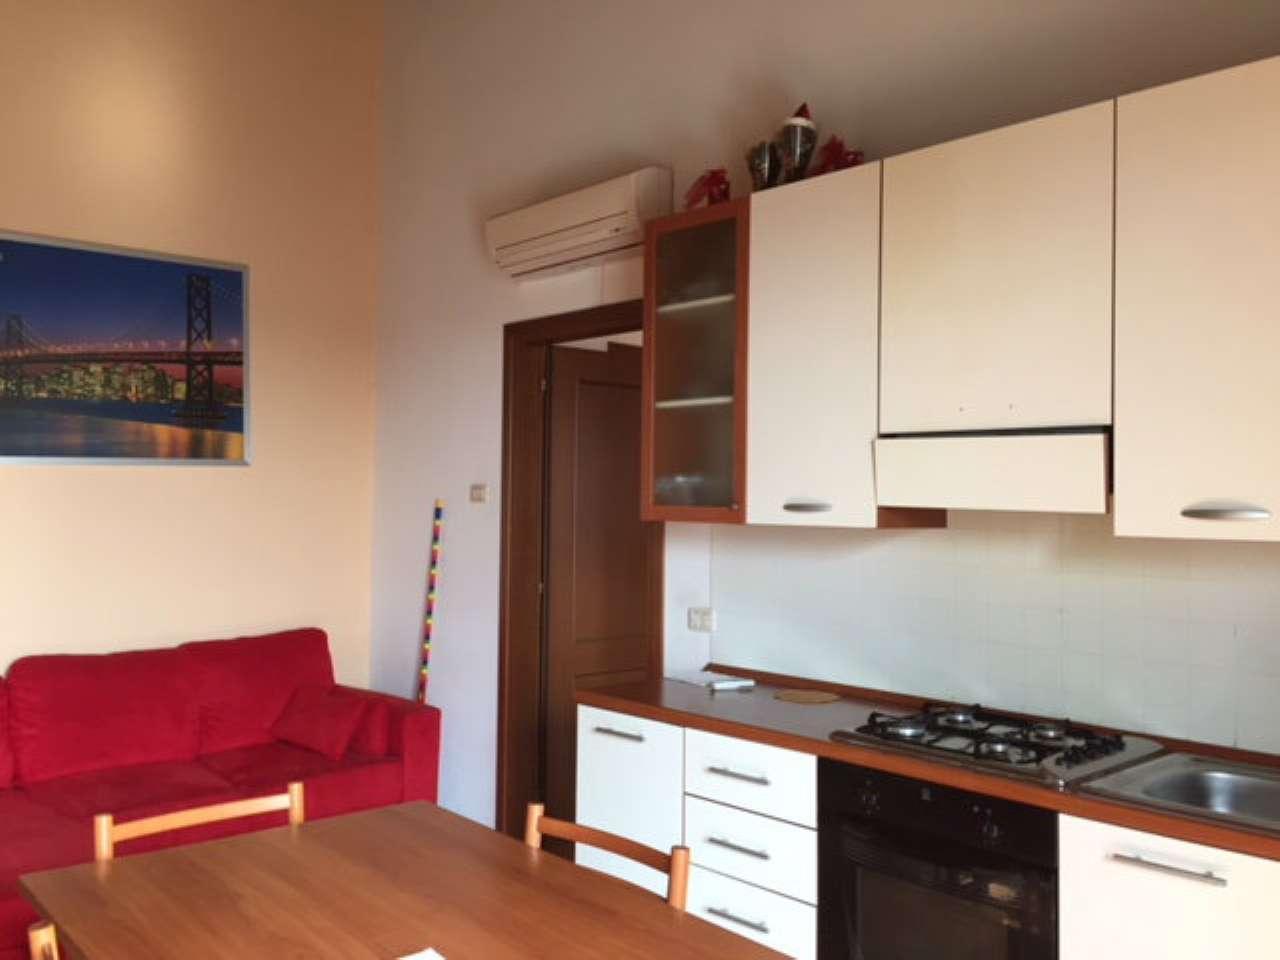 Appartamento bilocale in vendita a Monte Cremasco (CR)